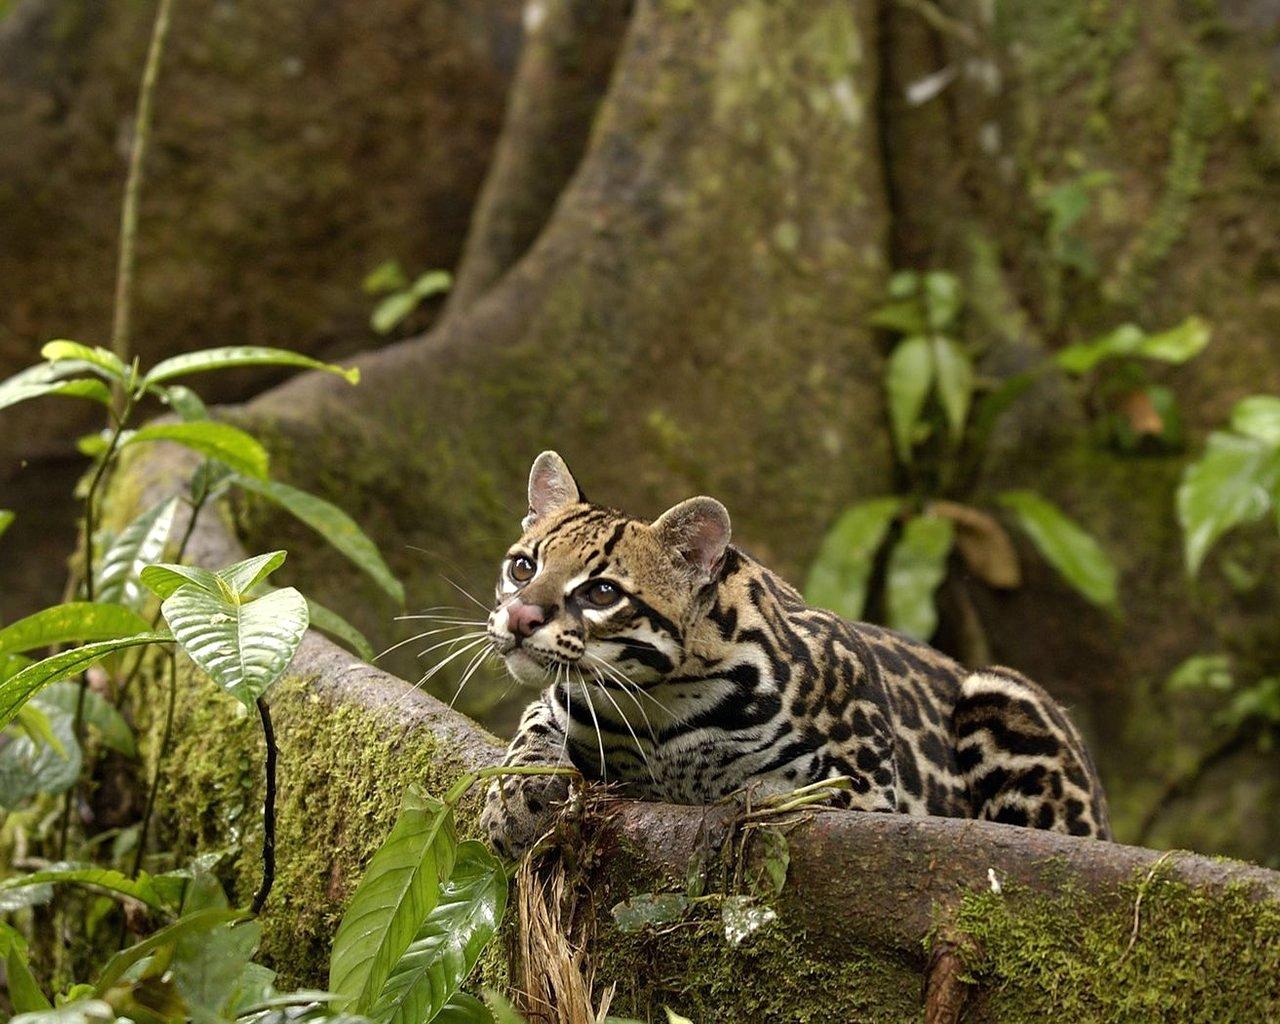 L'areale del gatto Ocelot va dal Texas all'isola di Trinidad, passando dal Messico all'America Centrale